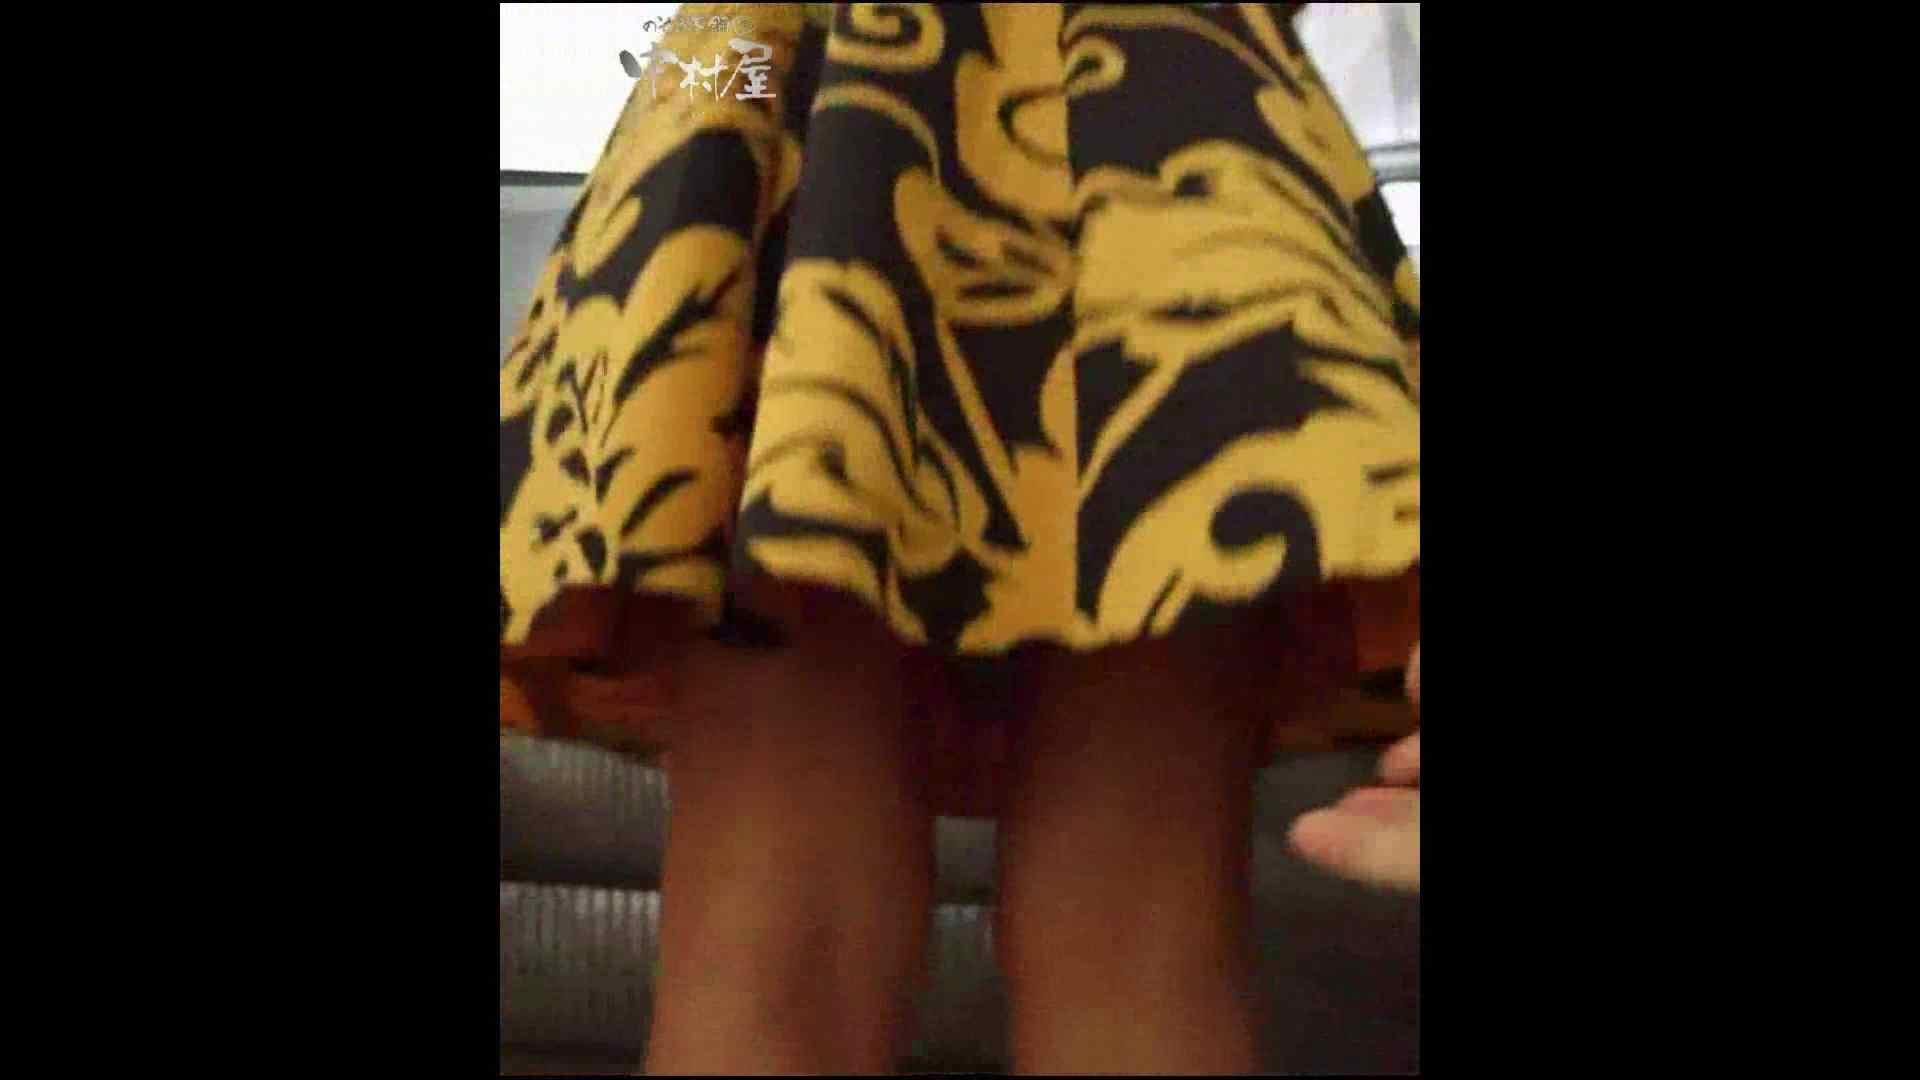 綺麗なモデルさんのスカート捲っちゃおう‼ vol21 エロいお姉さん  11枚 10